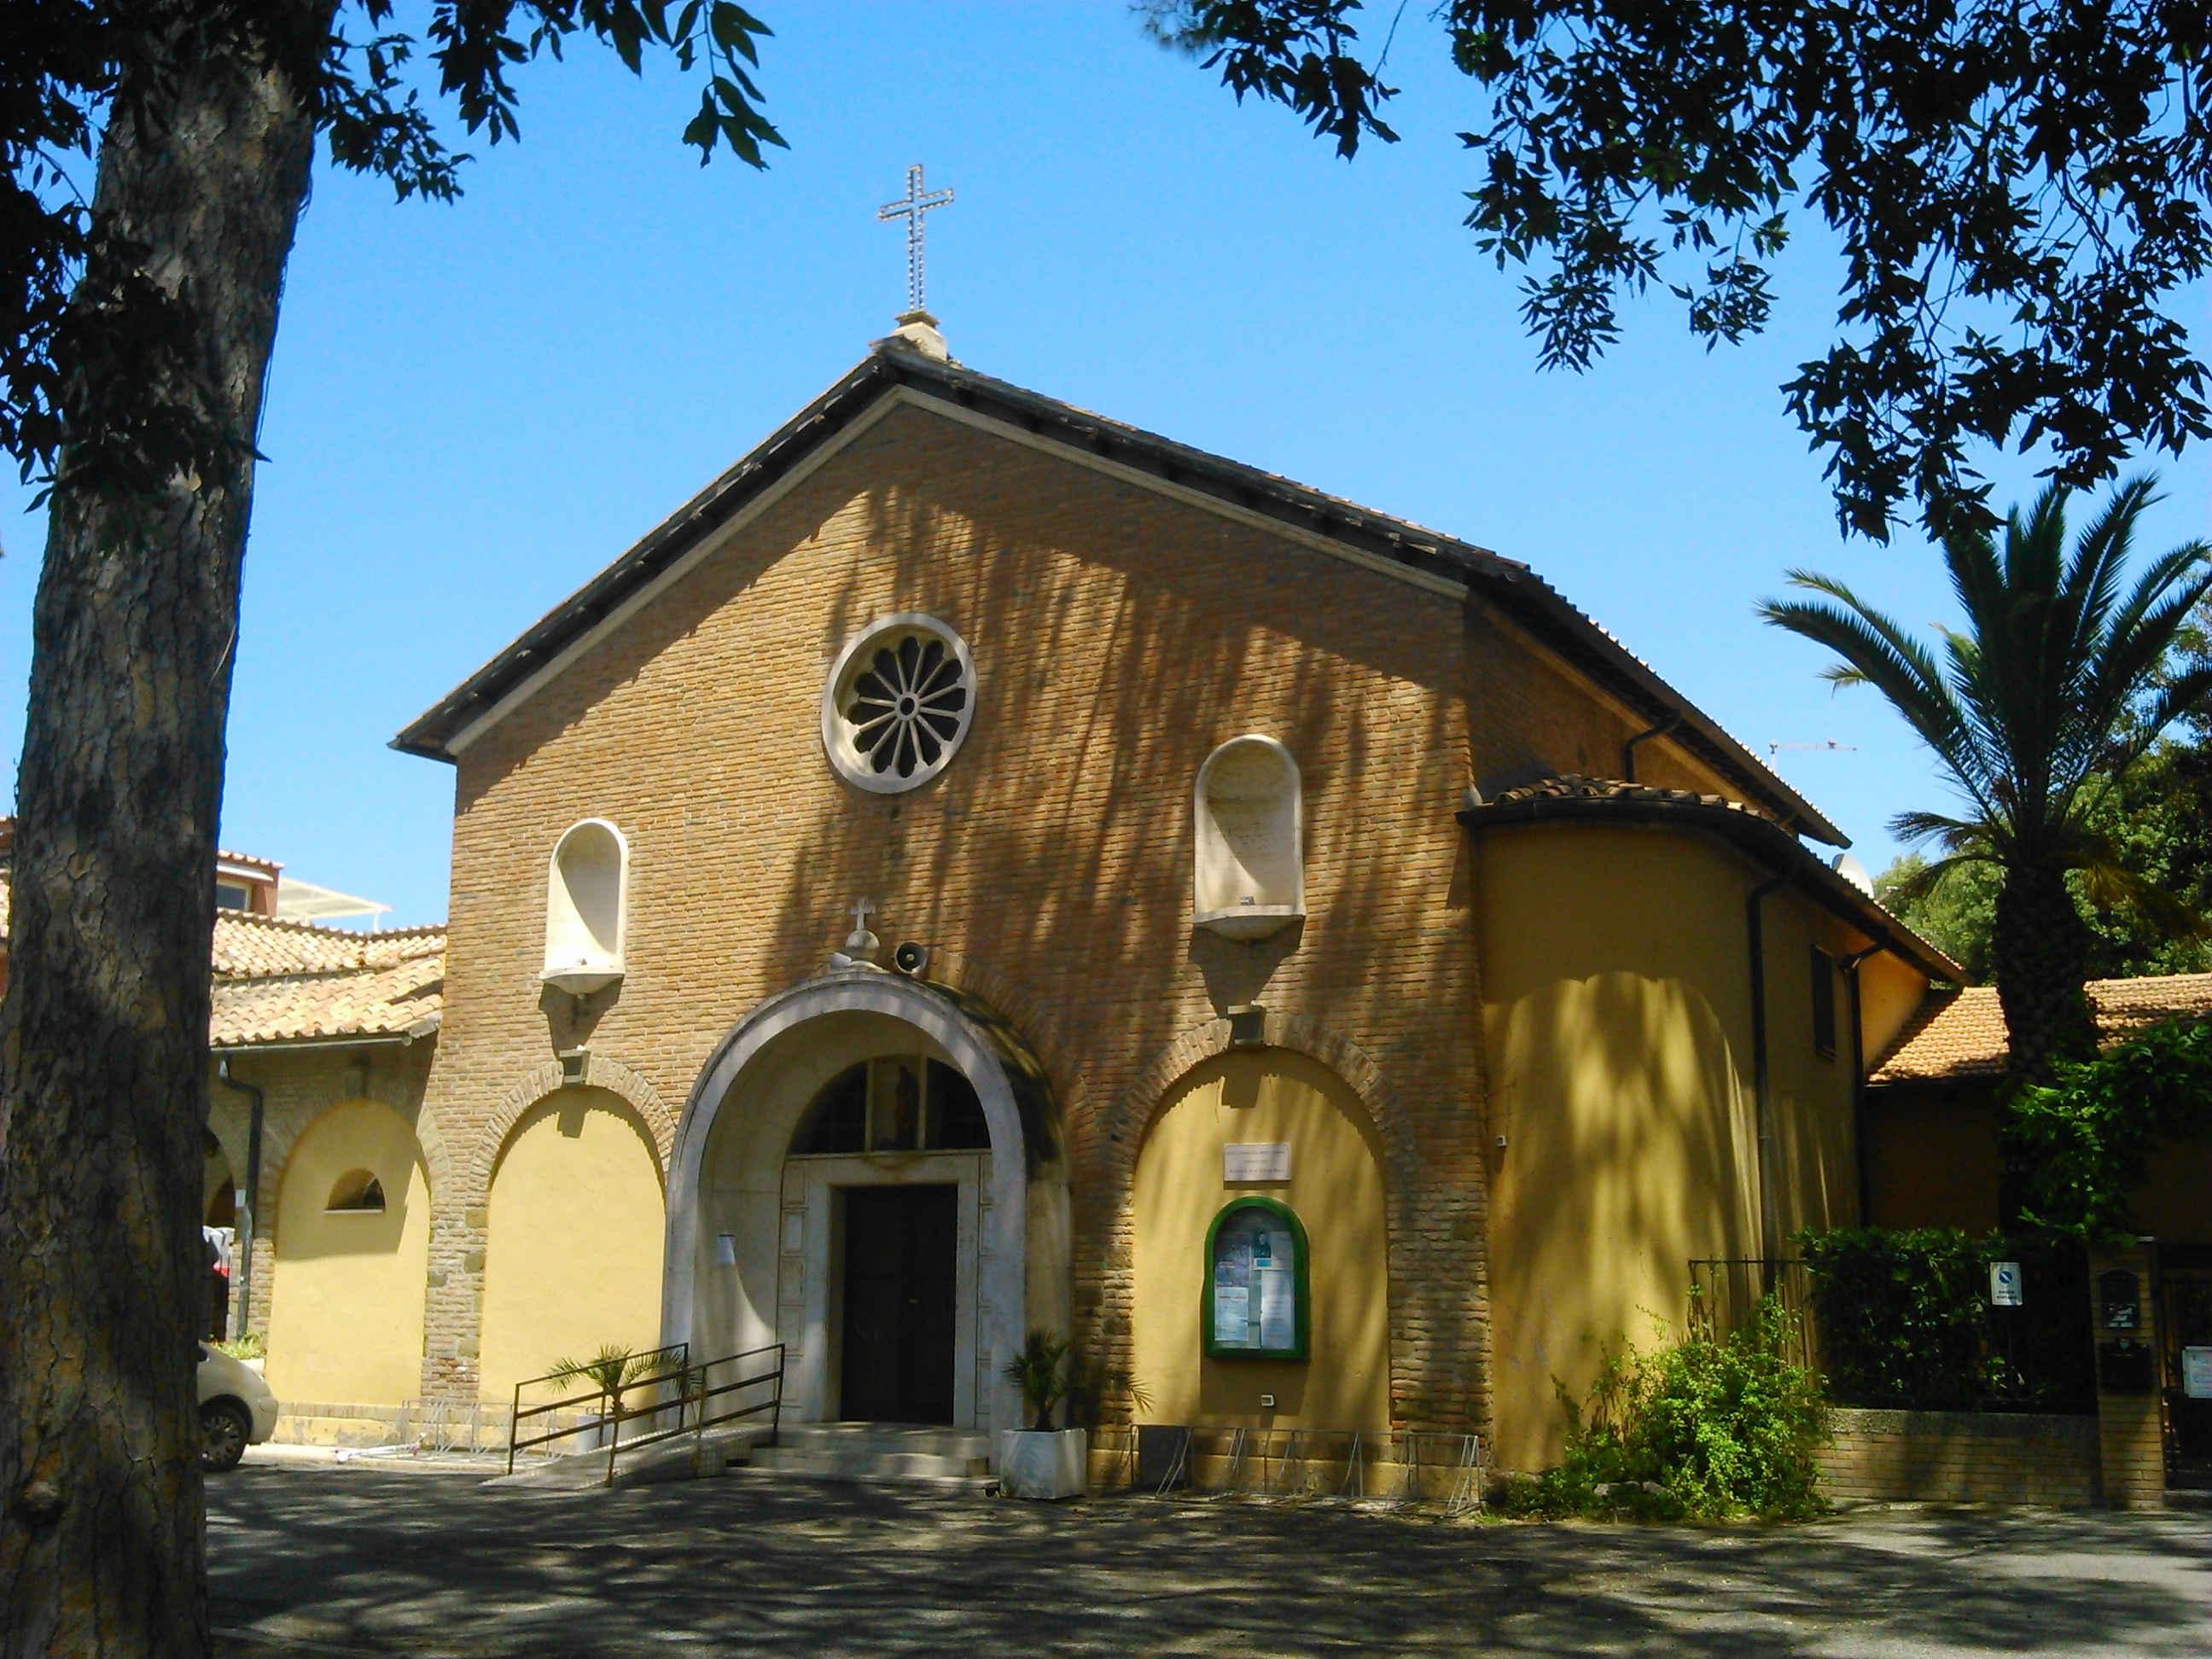 La Chiesa Parrocchiale di Fregene